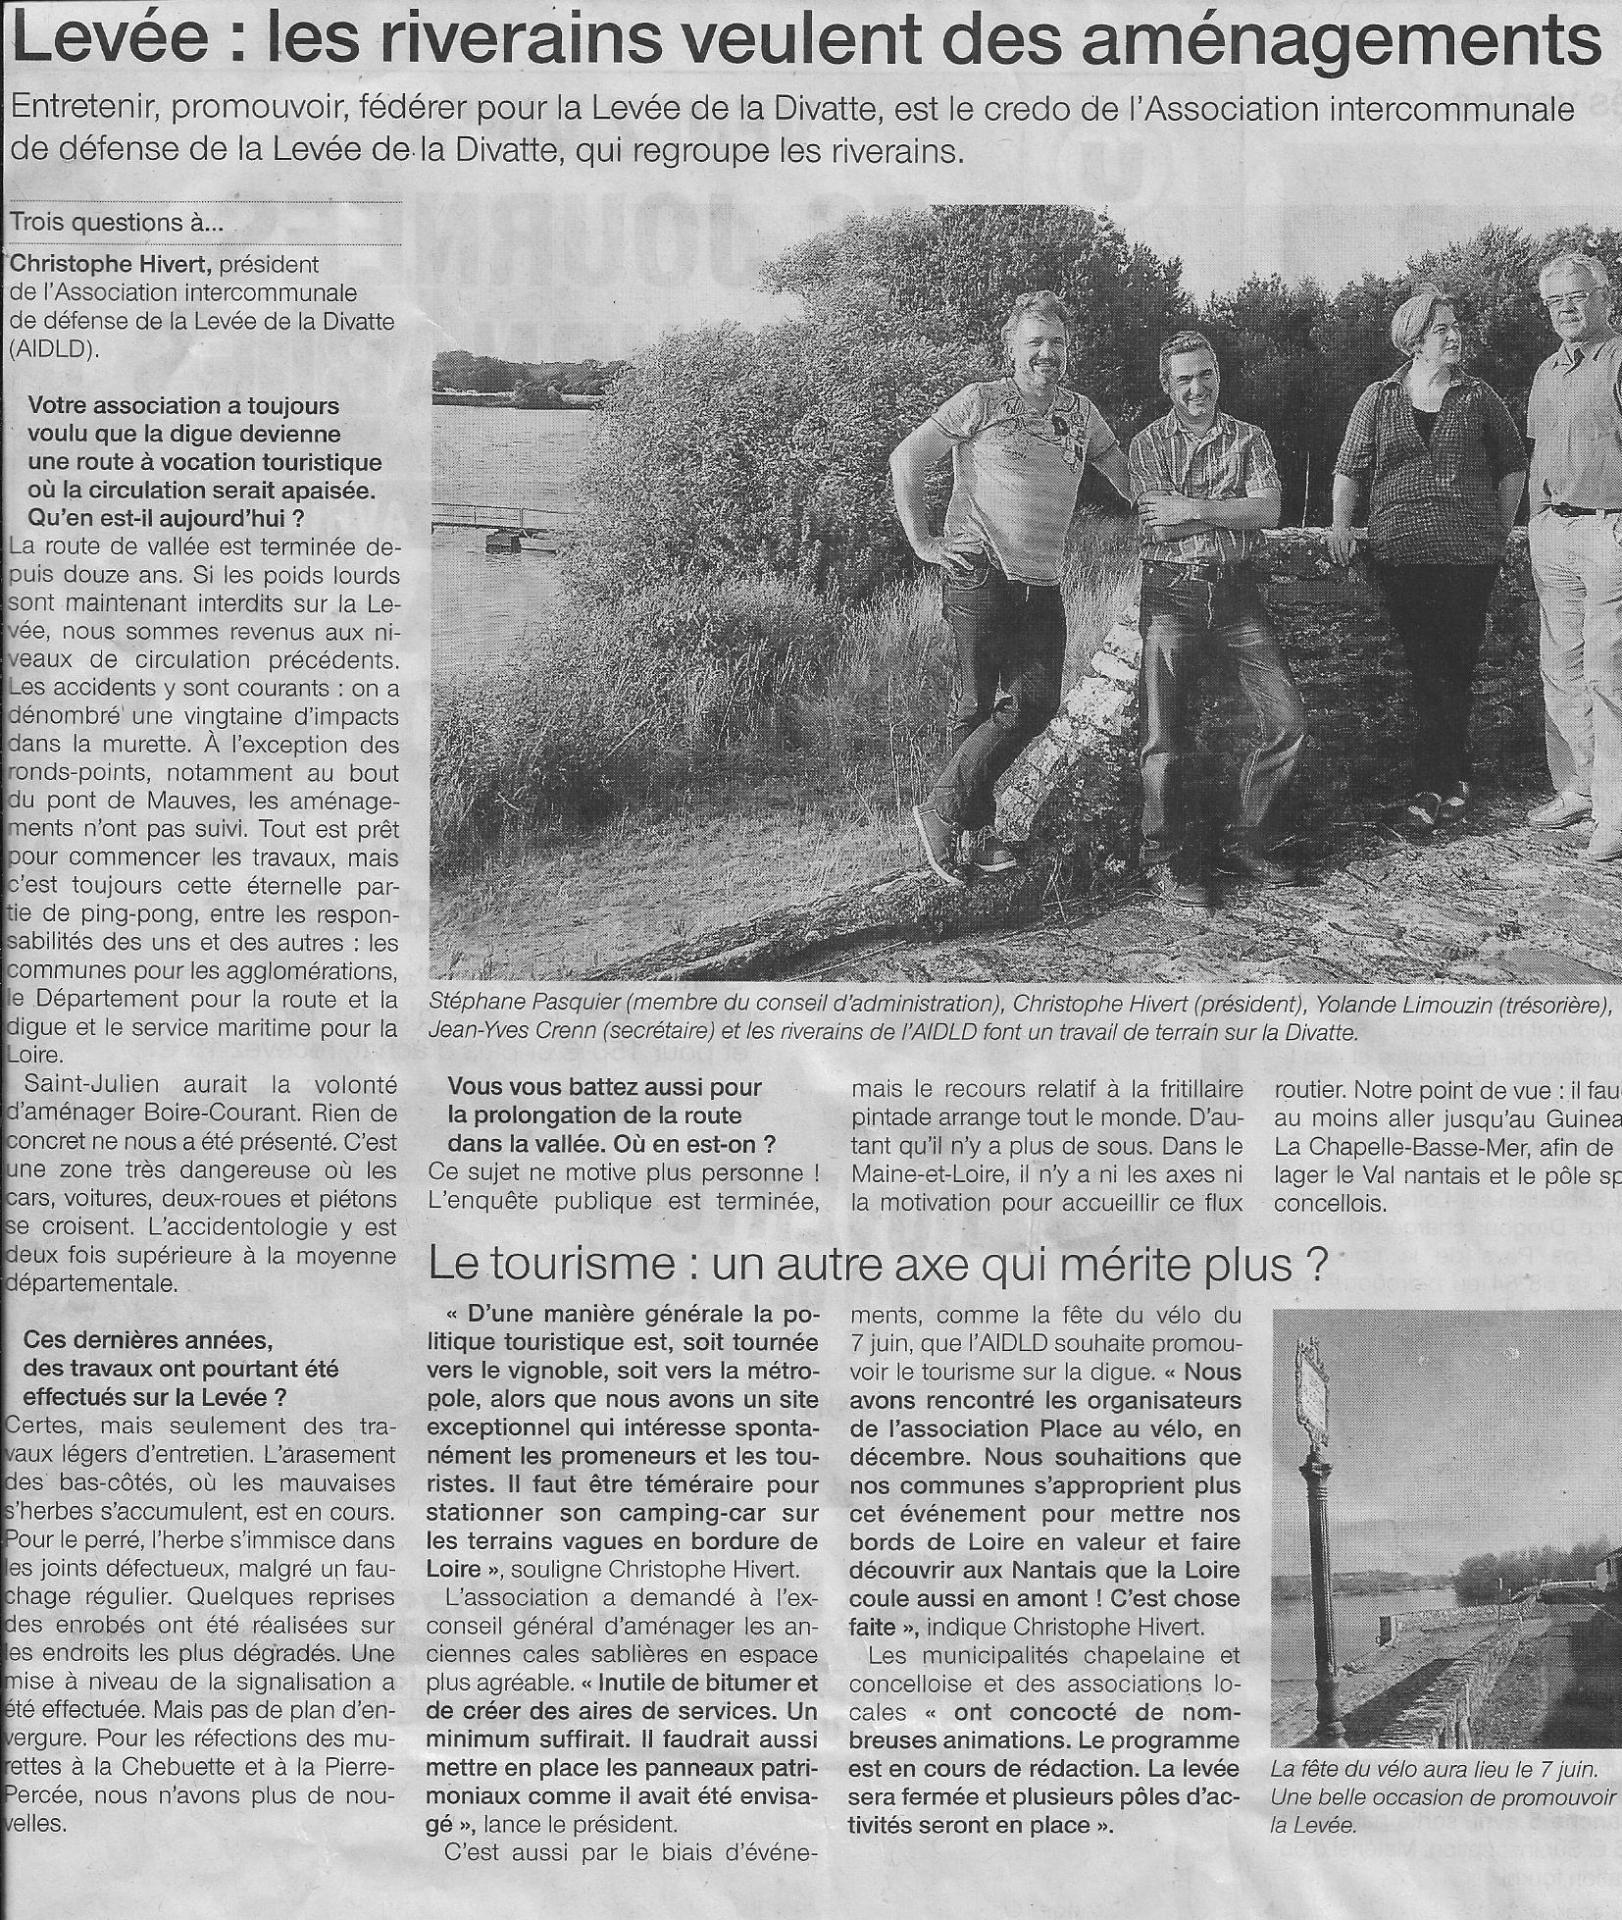 2015 04 02 ouest france les riverains veulent des amenagements